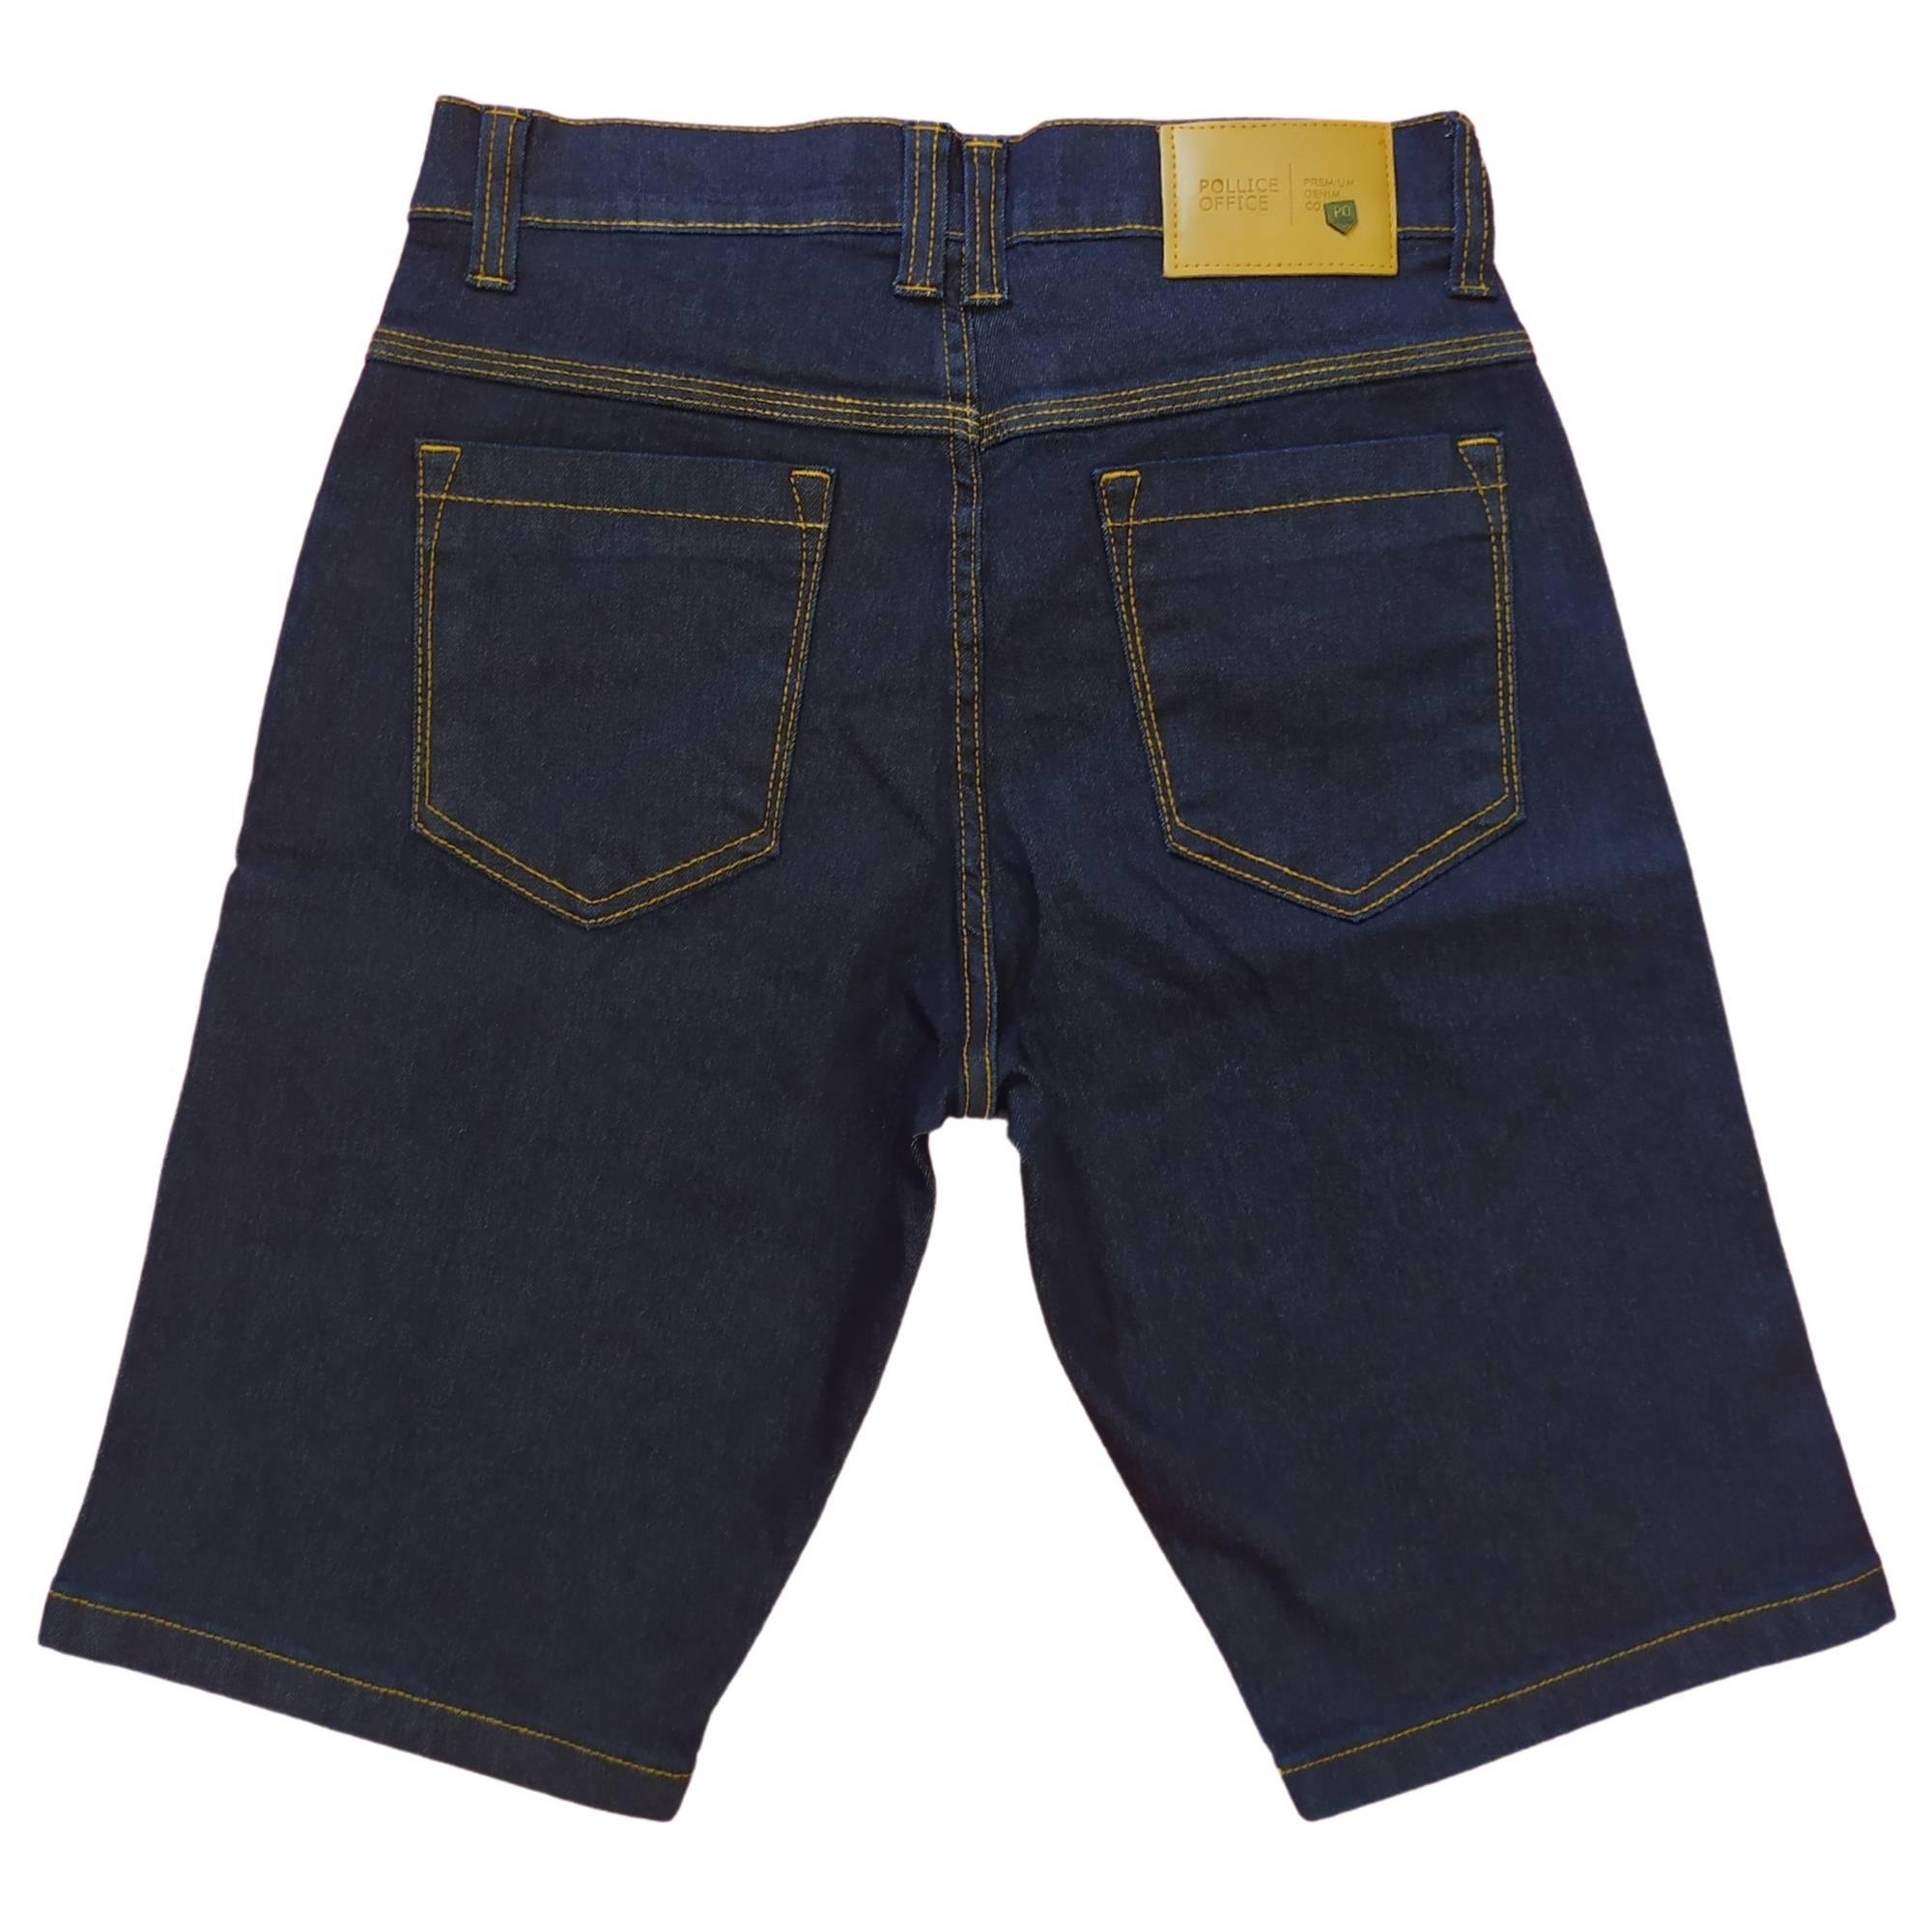 Bermuda Police Jeans 928